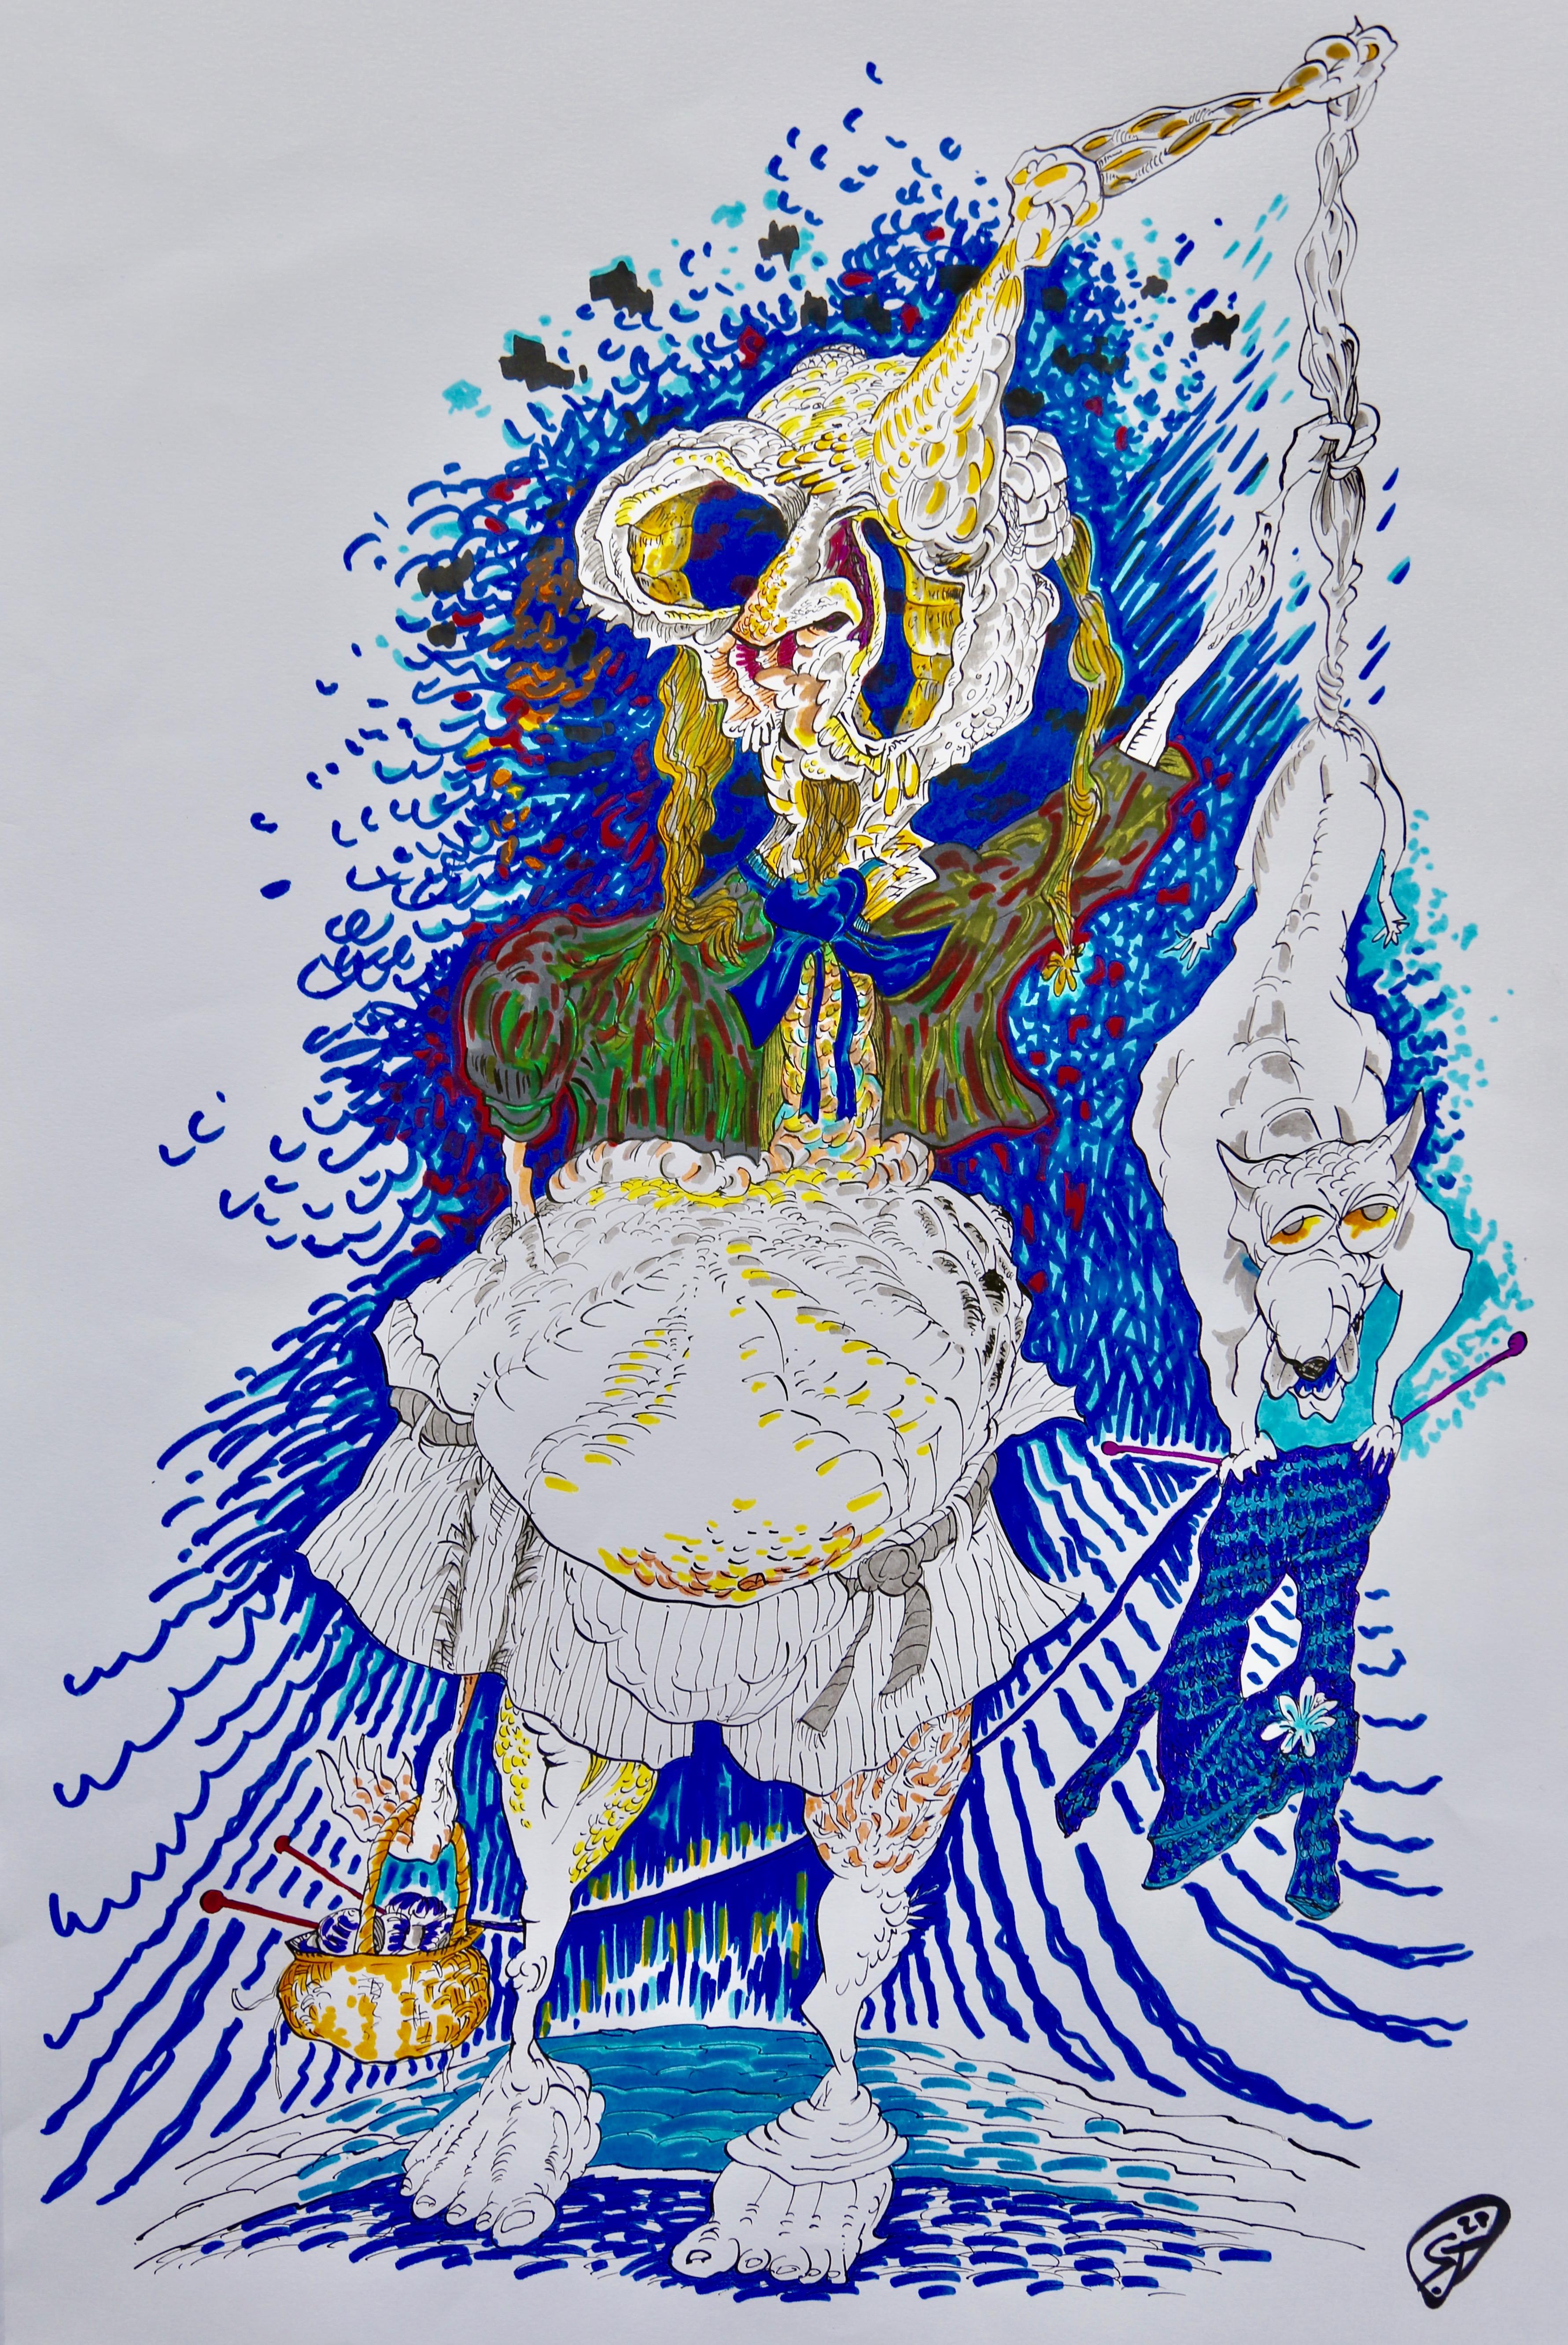 Le tricot - Dessin (technique mixte) 40x50 cm